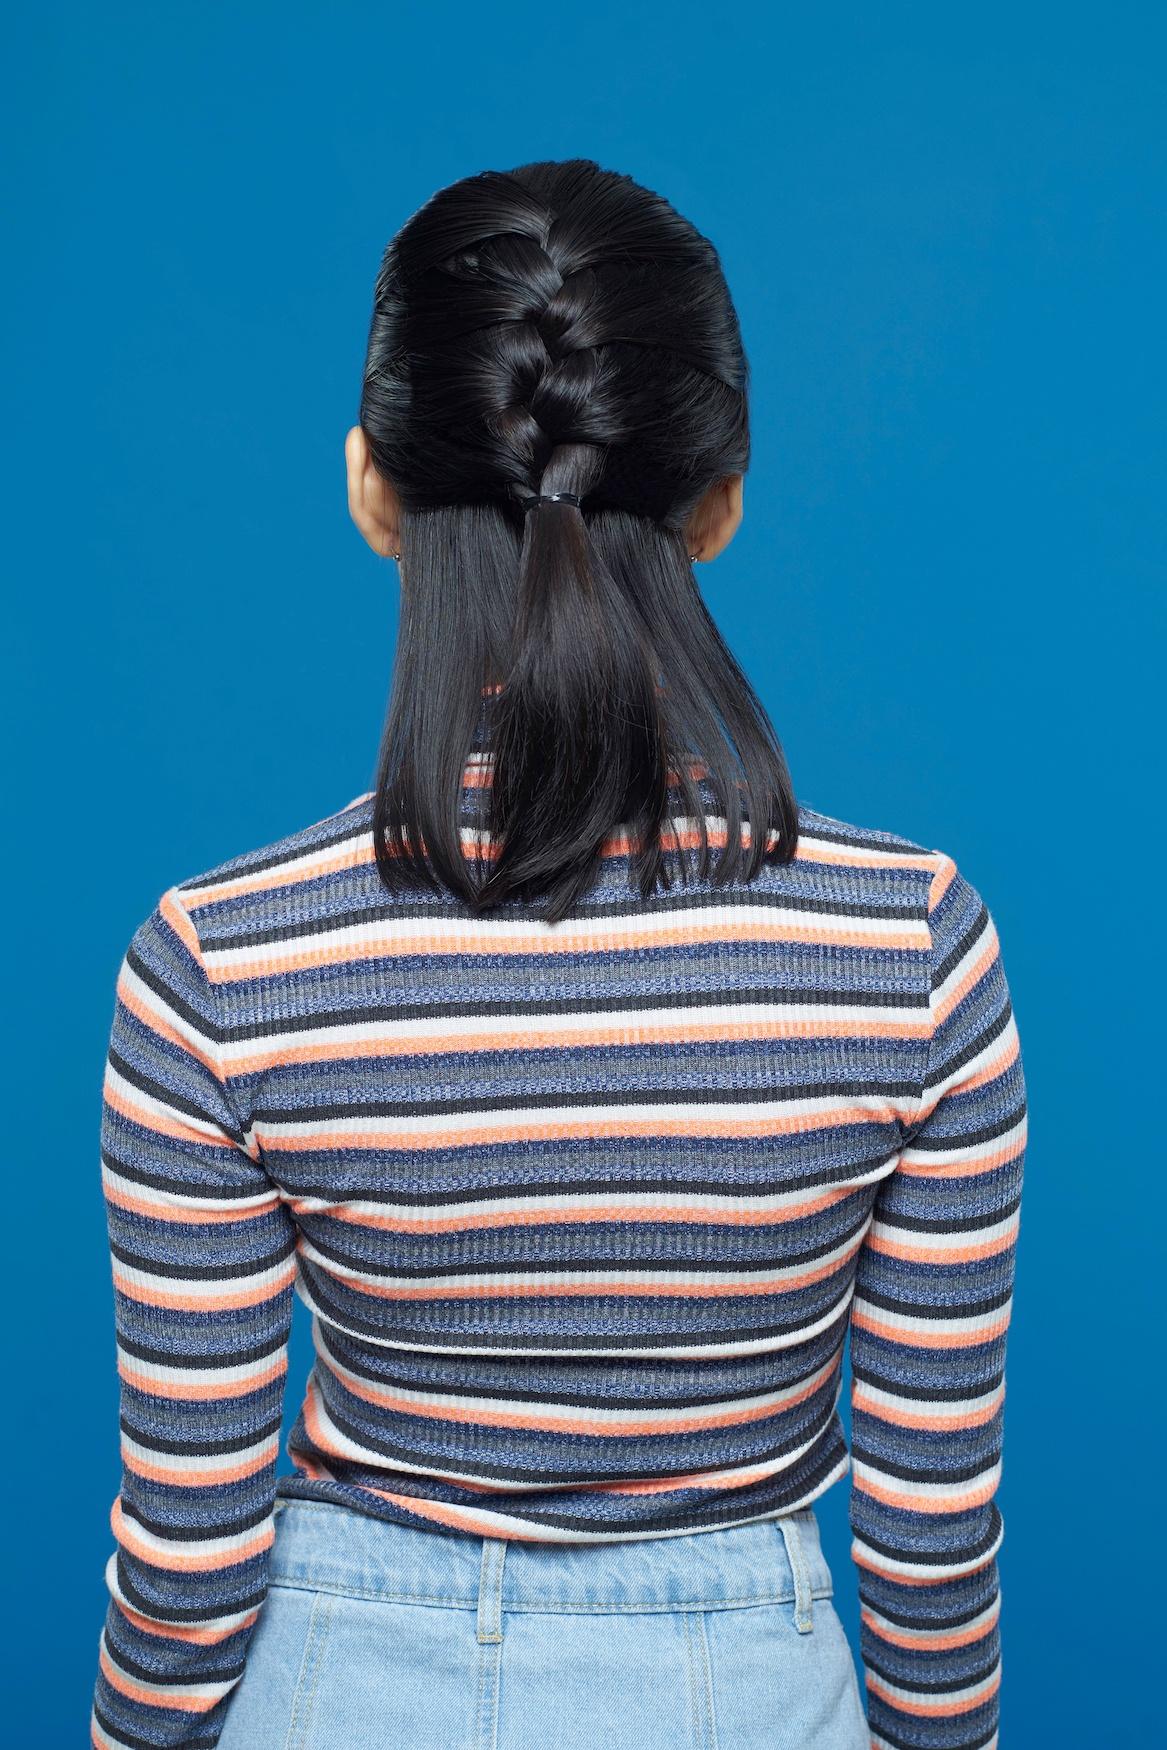 Wanita Asia dengan rambut pendek gaya French braid half updo.